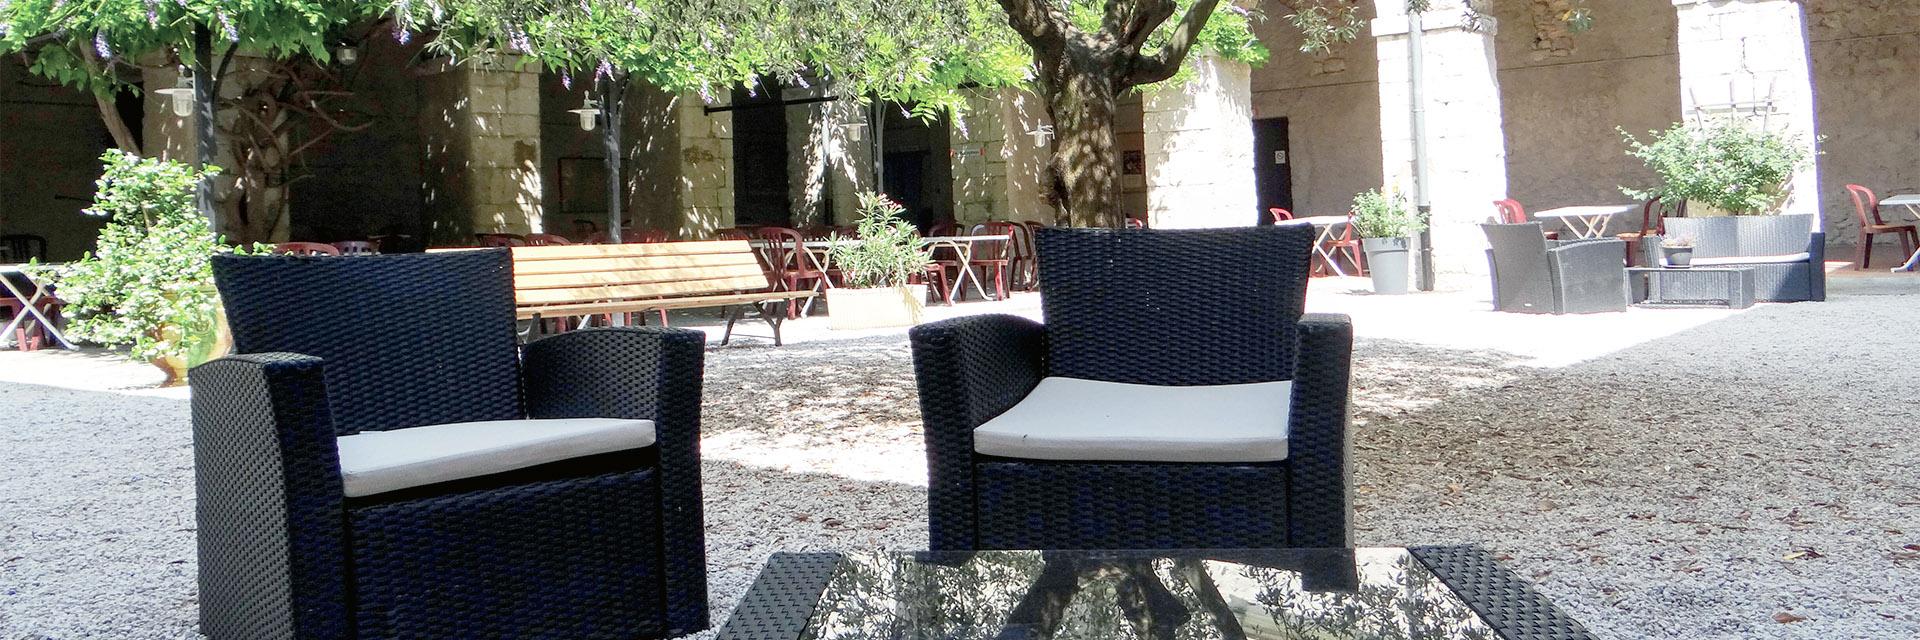 Village_club_vacances_provence-cloitre-des-dominicains-le-cloitre